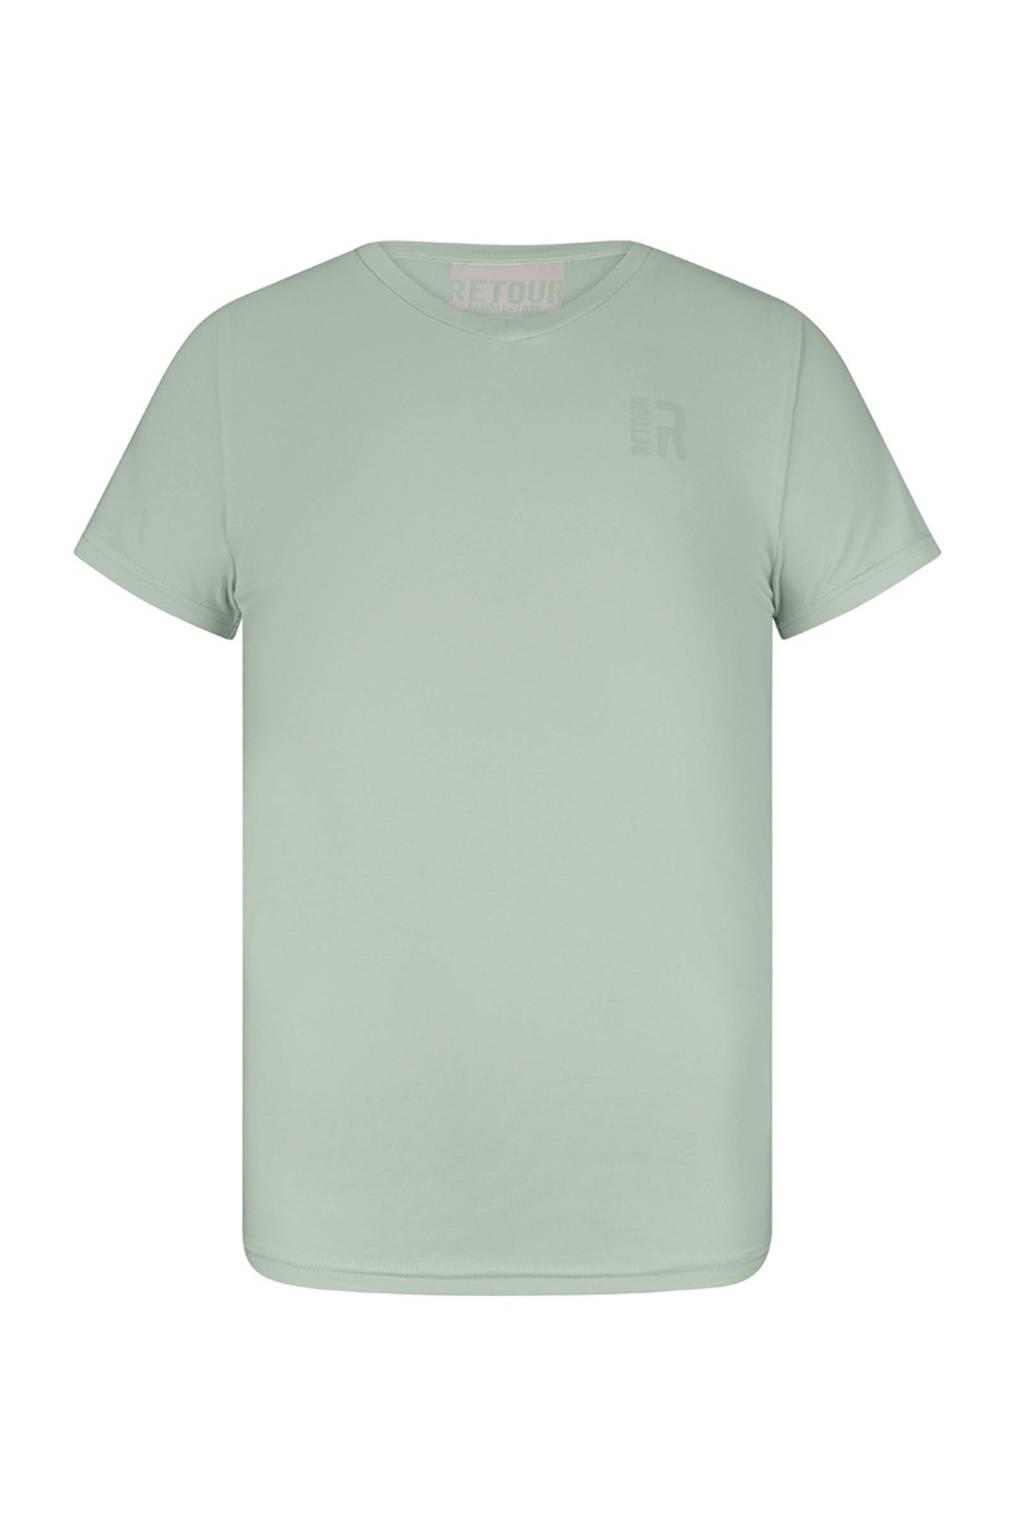 Retour Denim T-shirt Sean mintgroen, Mintgroen